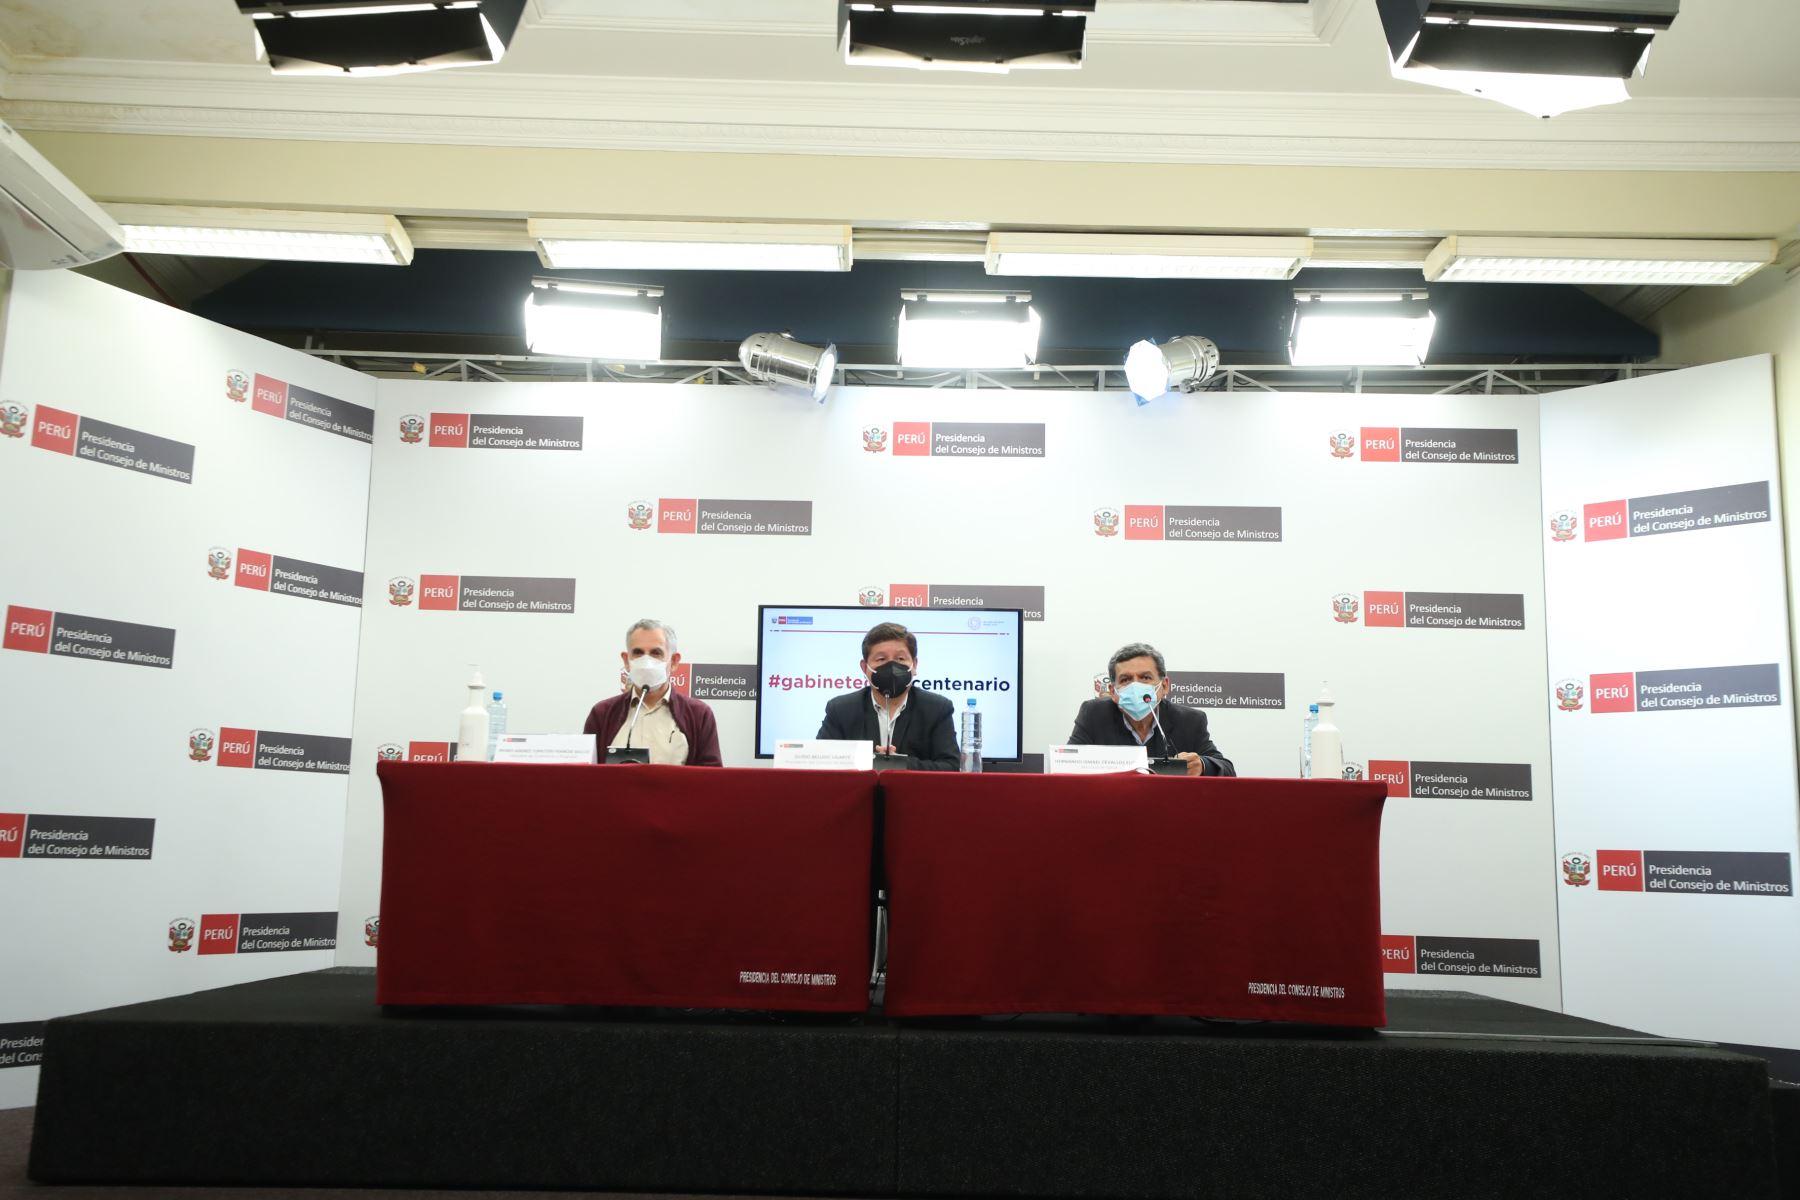 Guido Bellido, presidente del consejo de ministros, Pedro Francke, ministro de Economía, Hernando Cevallos, ministro de salud en conferencia de prensa desde PCM. Foto: ANDINA/PCM